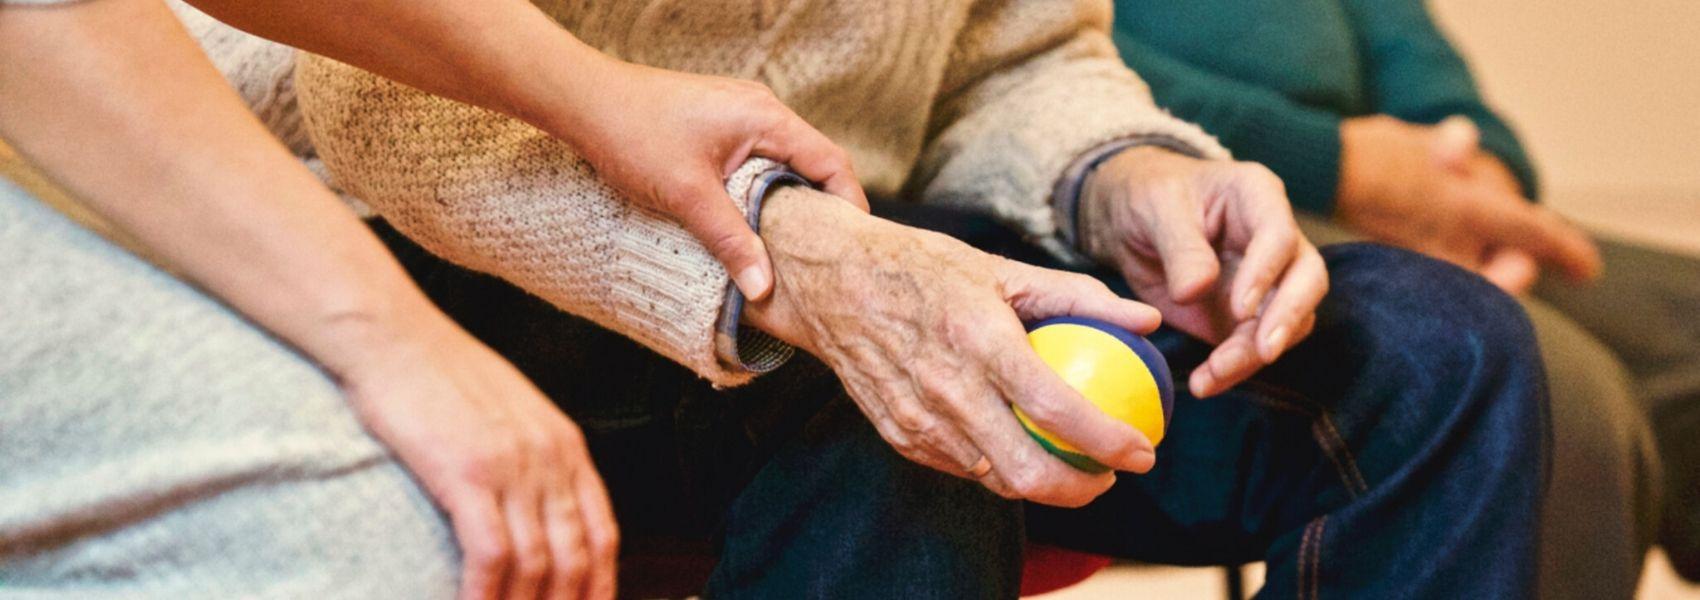 problemas visuais na doença de Parkinson